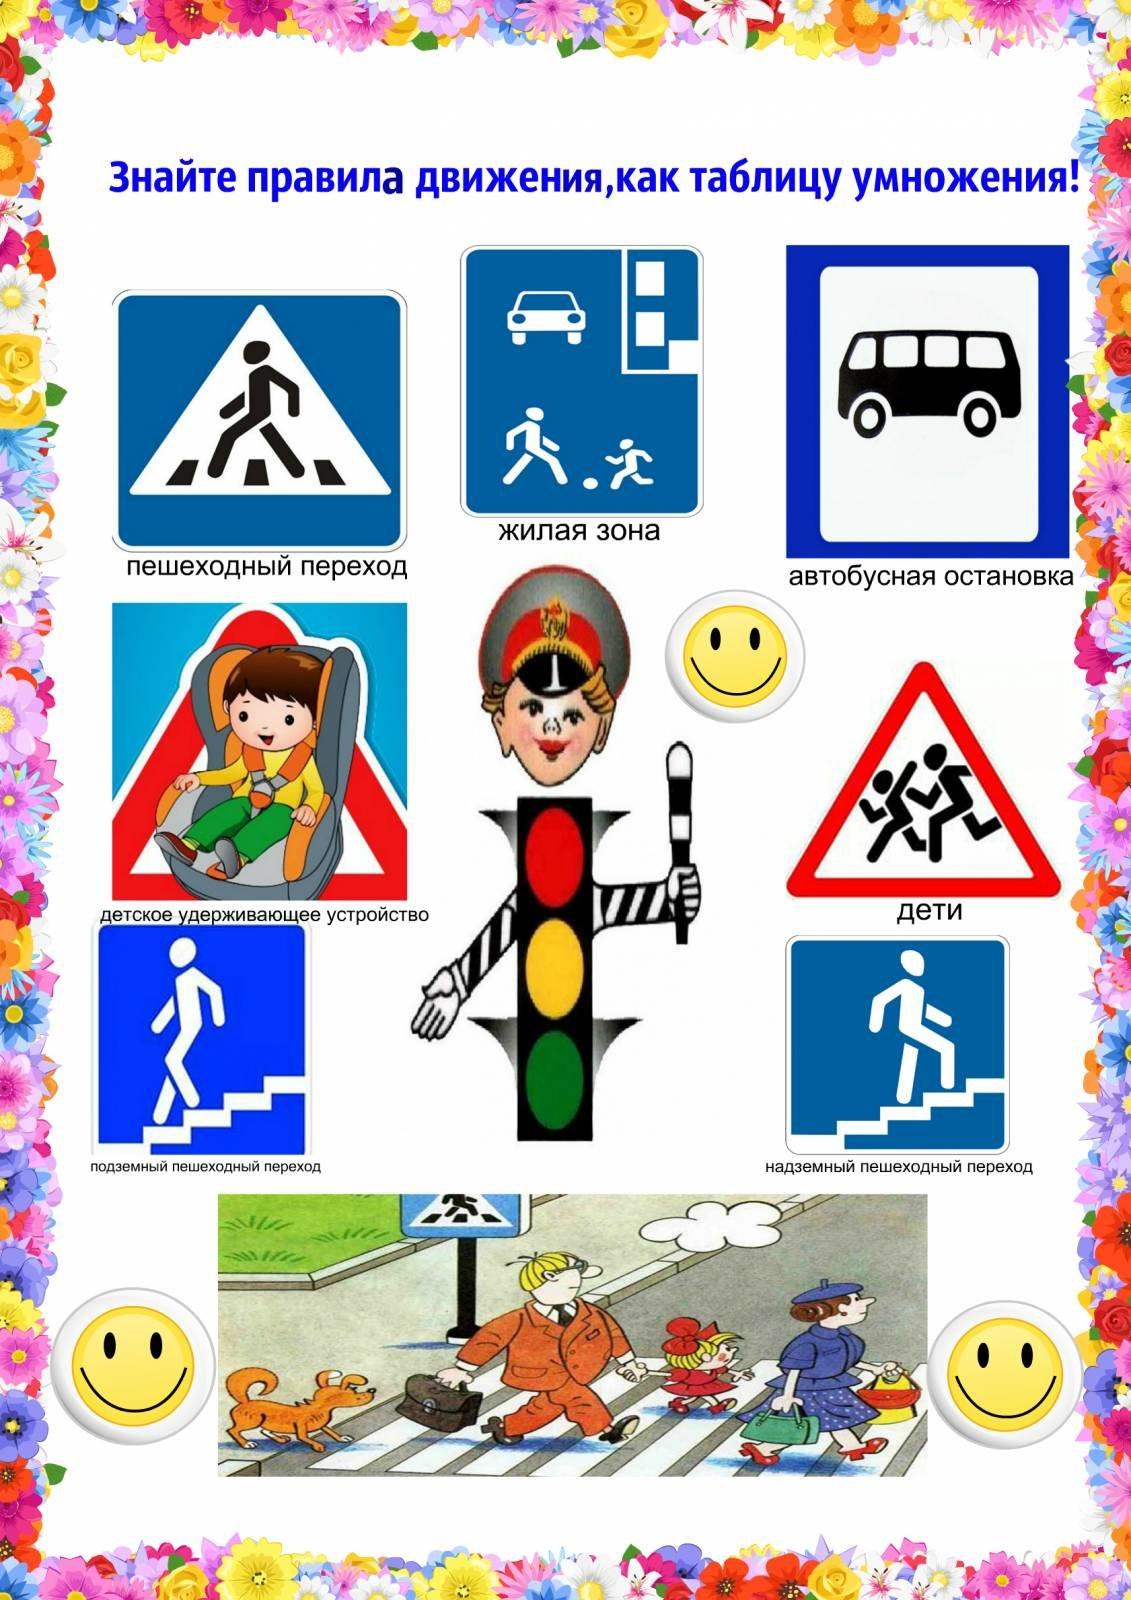 Плакат на тему дорожные знаки